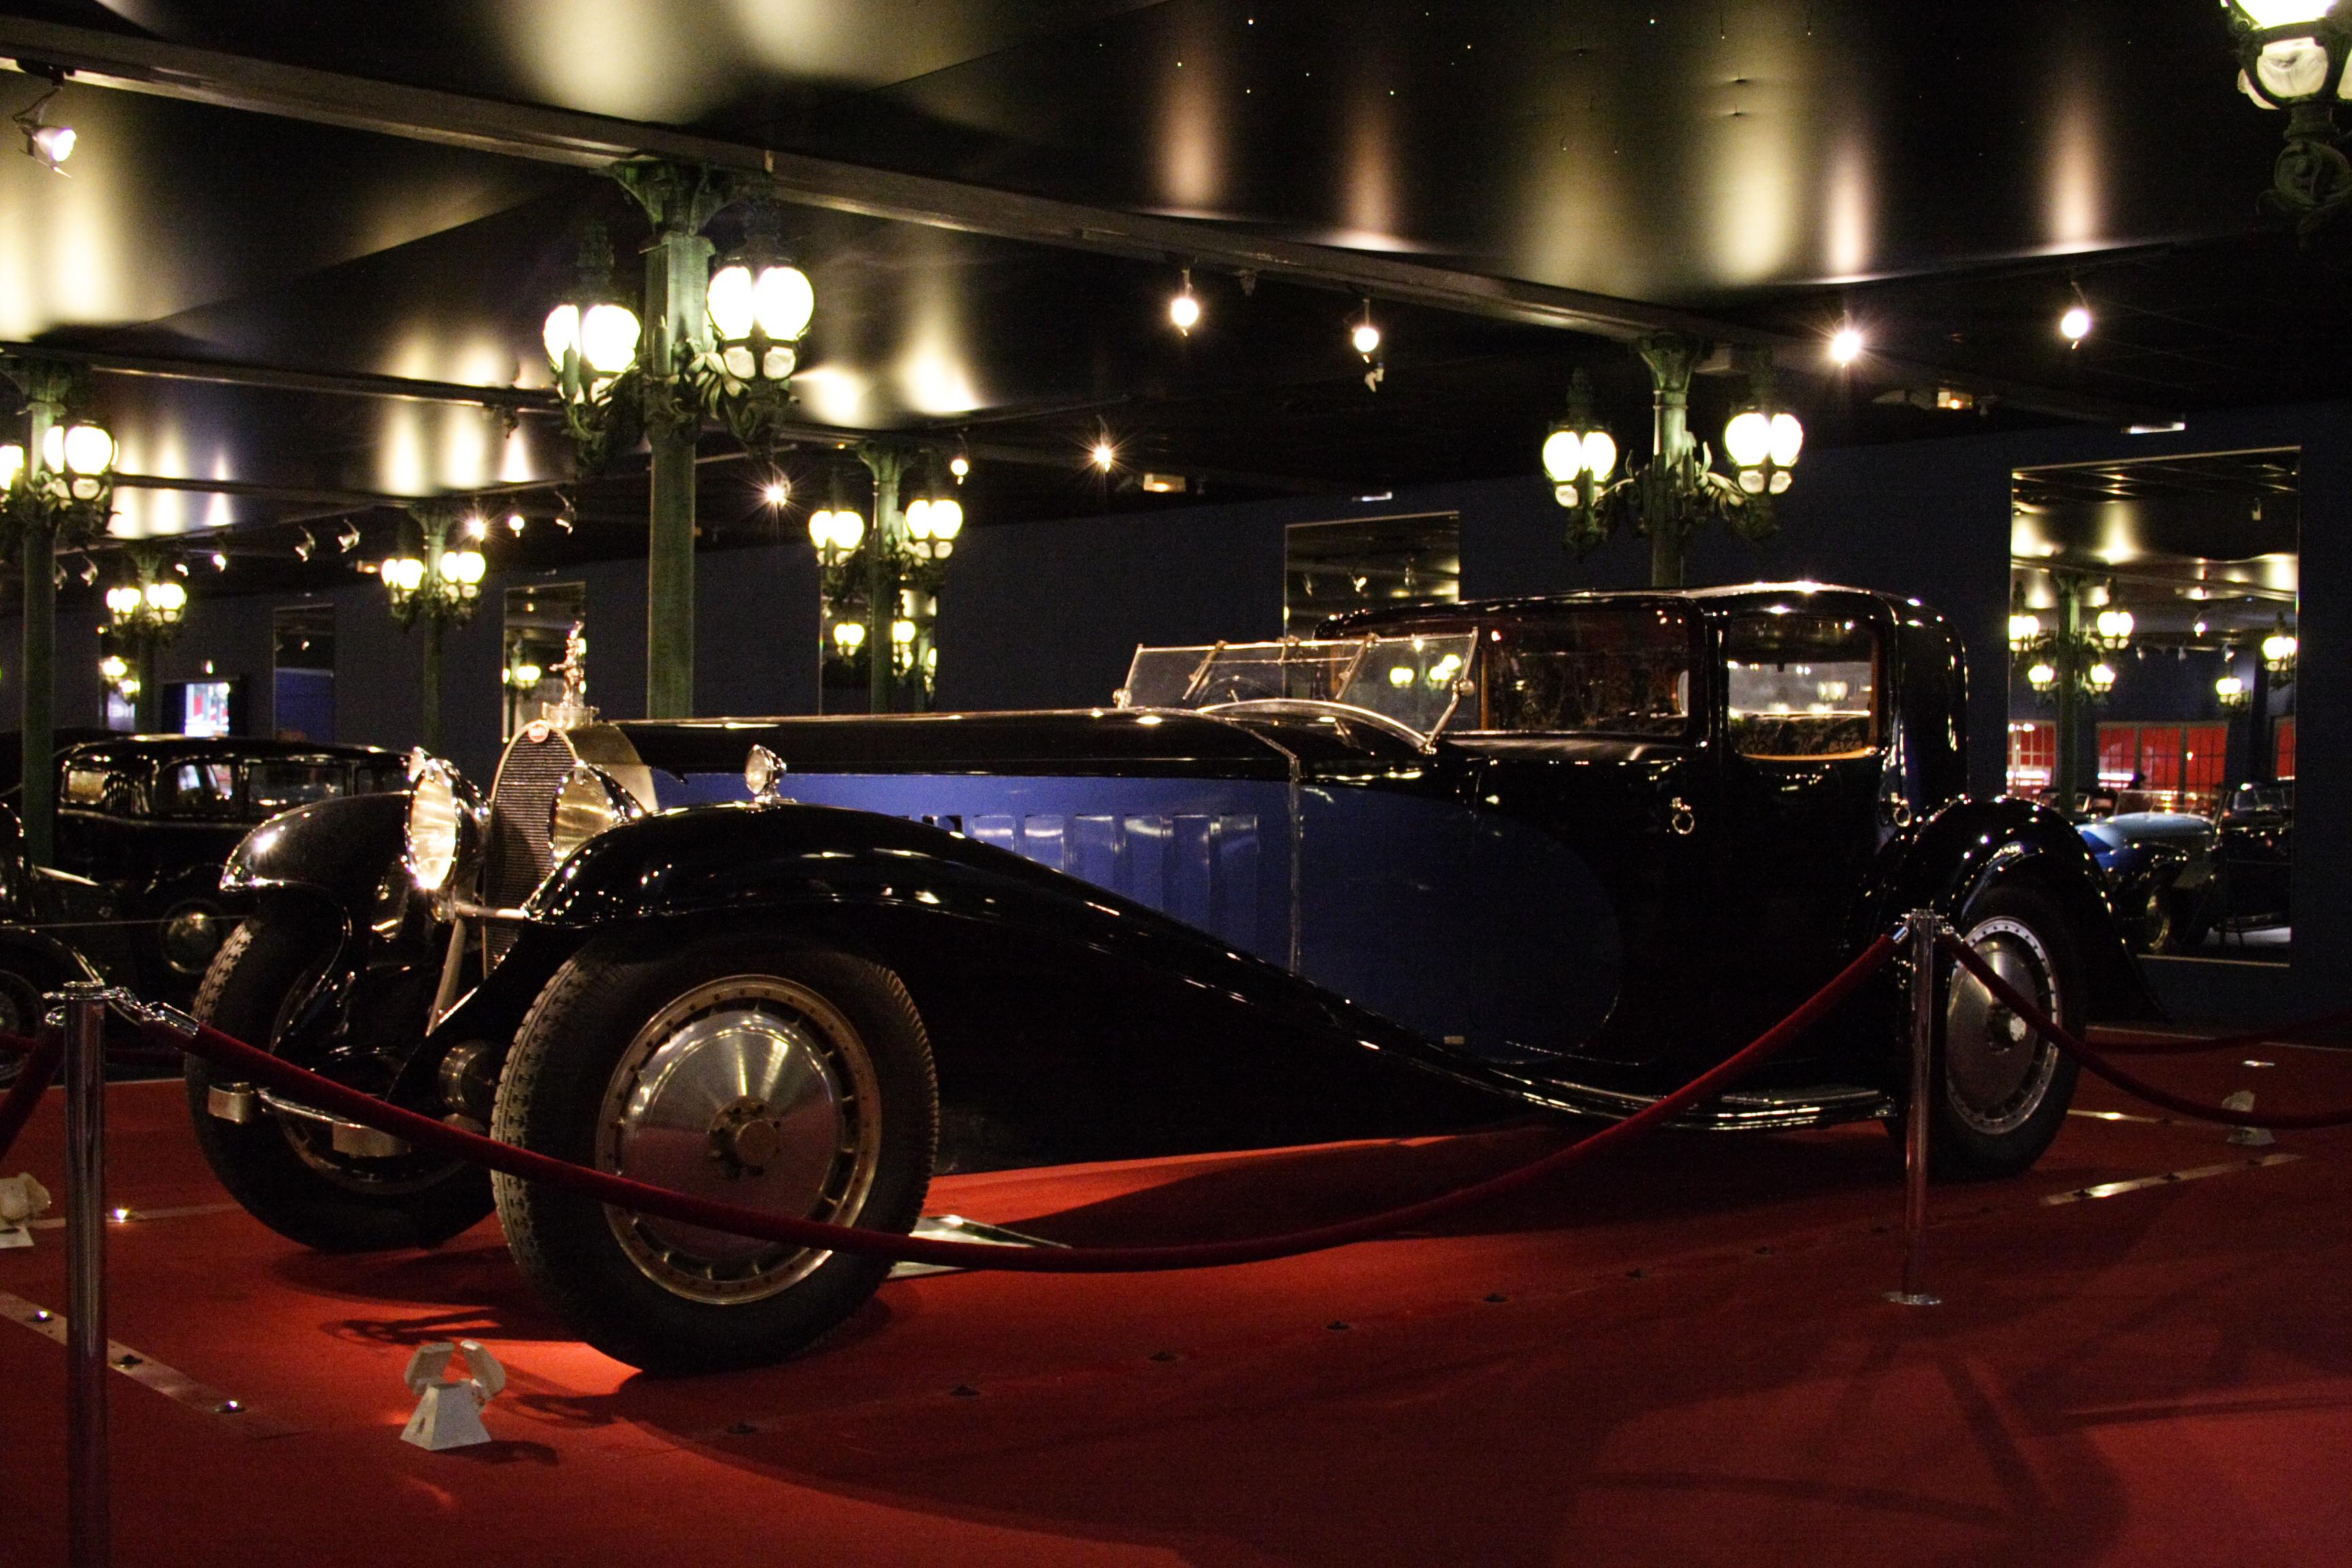 Bugatti_Royale_Coupe_Type_41_1929_Mulhouse_FRA_002